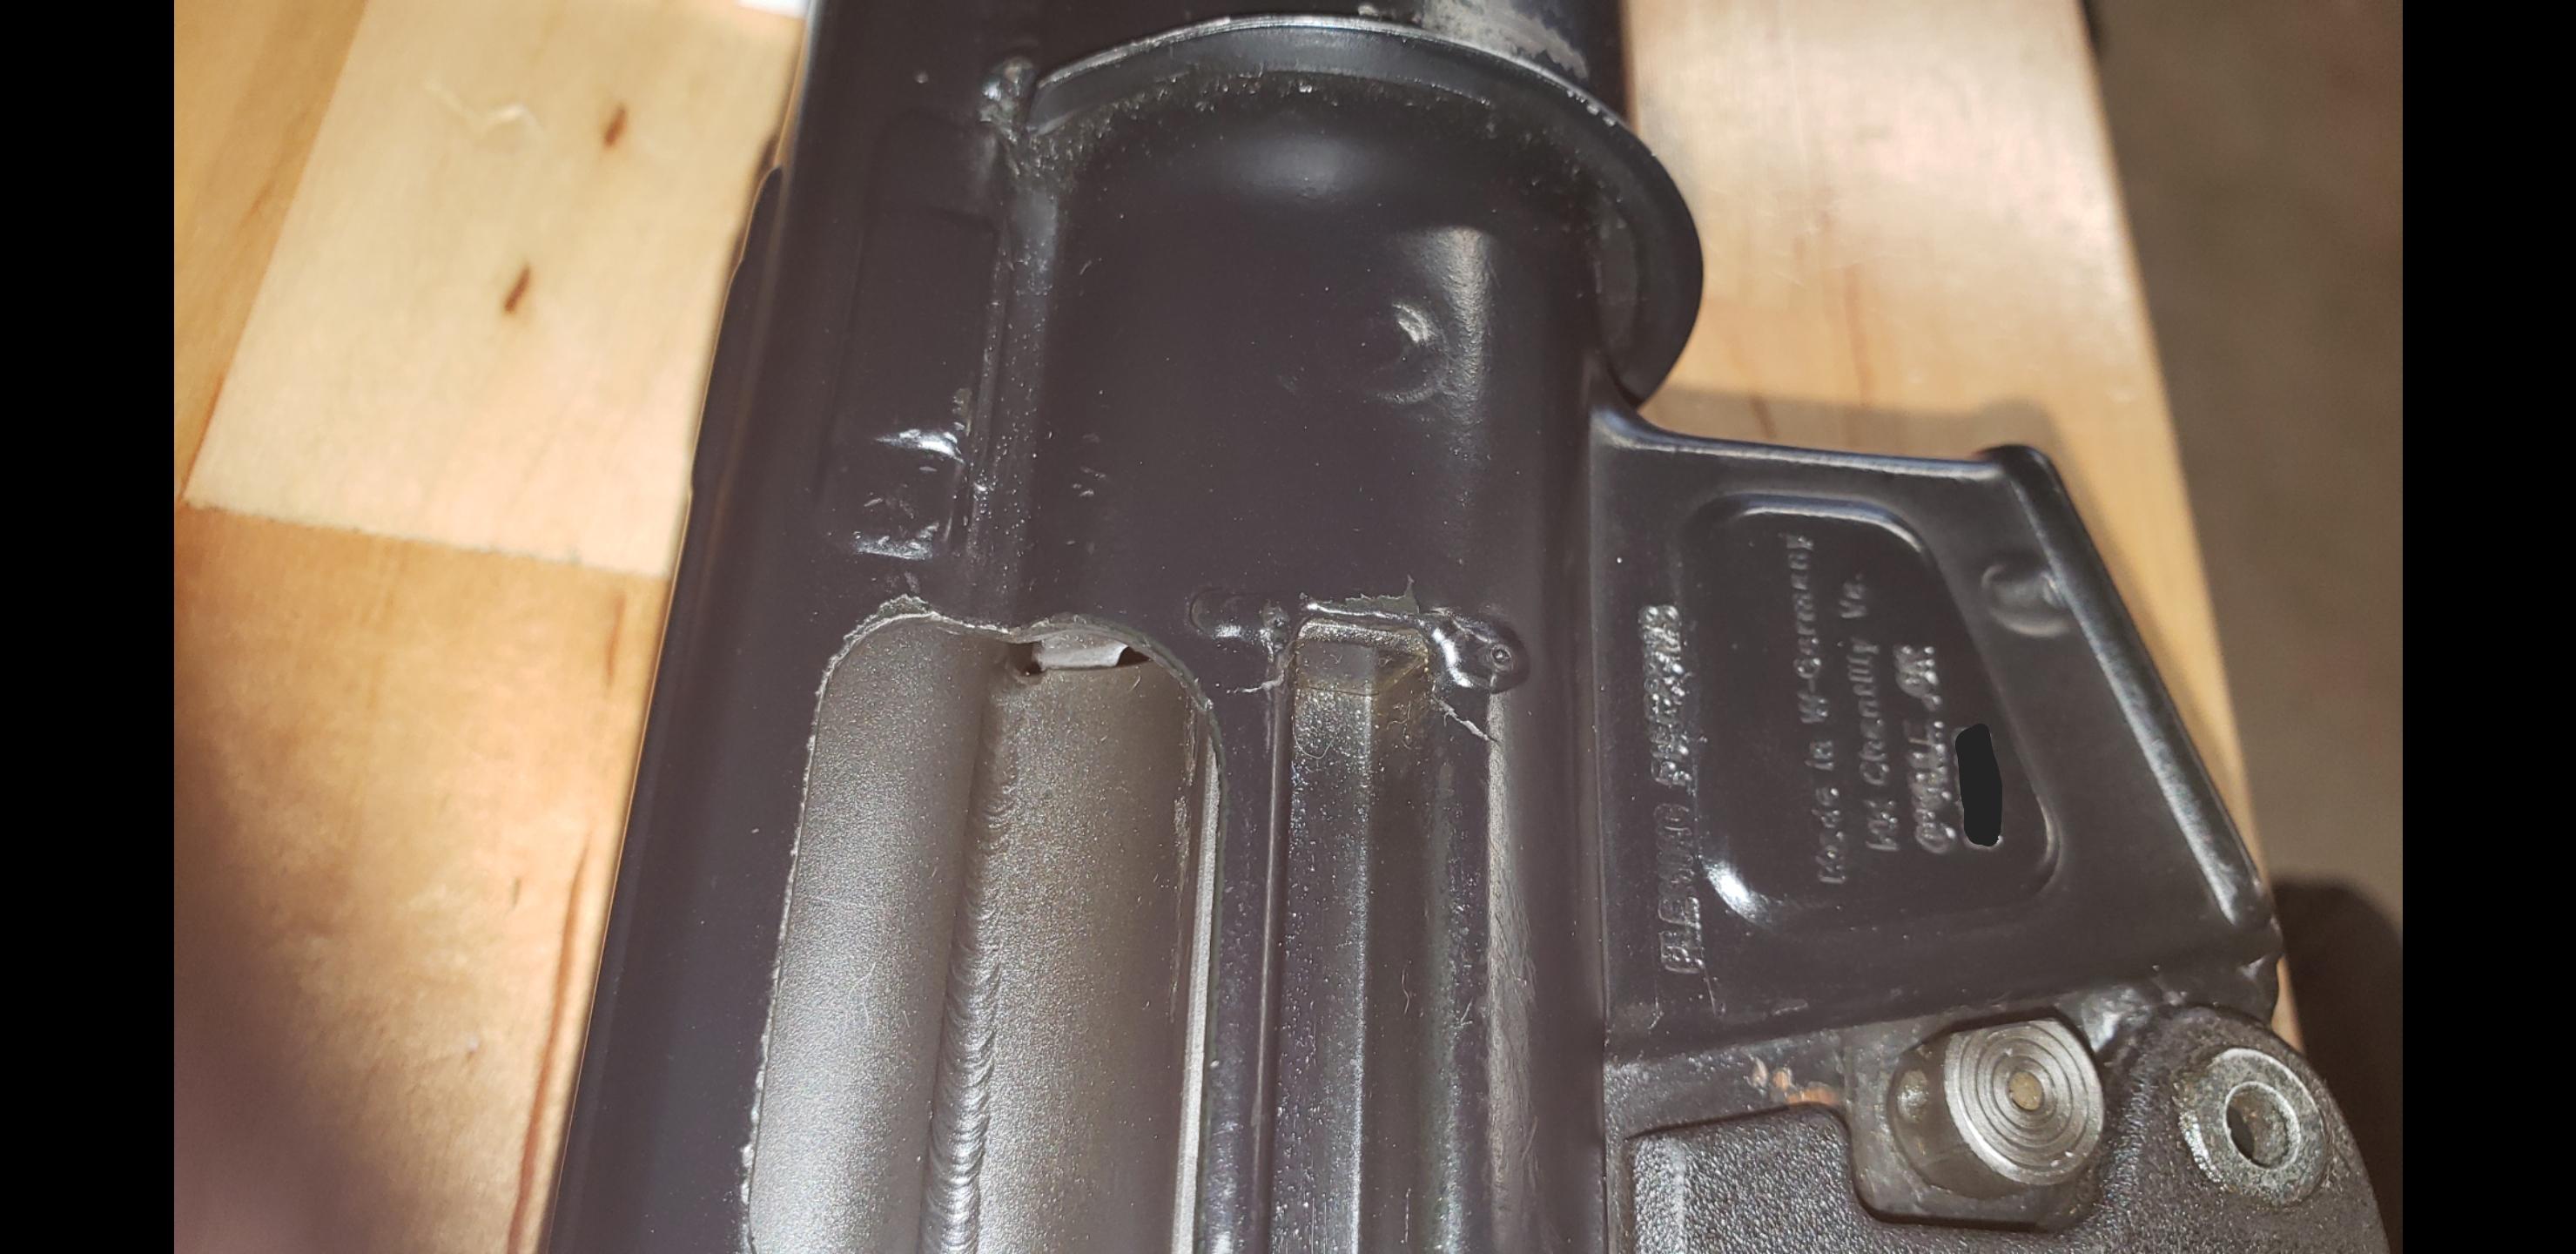 MP5 blues - broken carrier and stuck locking piece-screenshot_20200917-112736_gallery.jpg